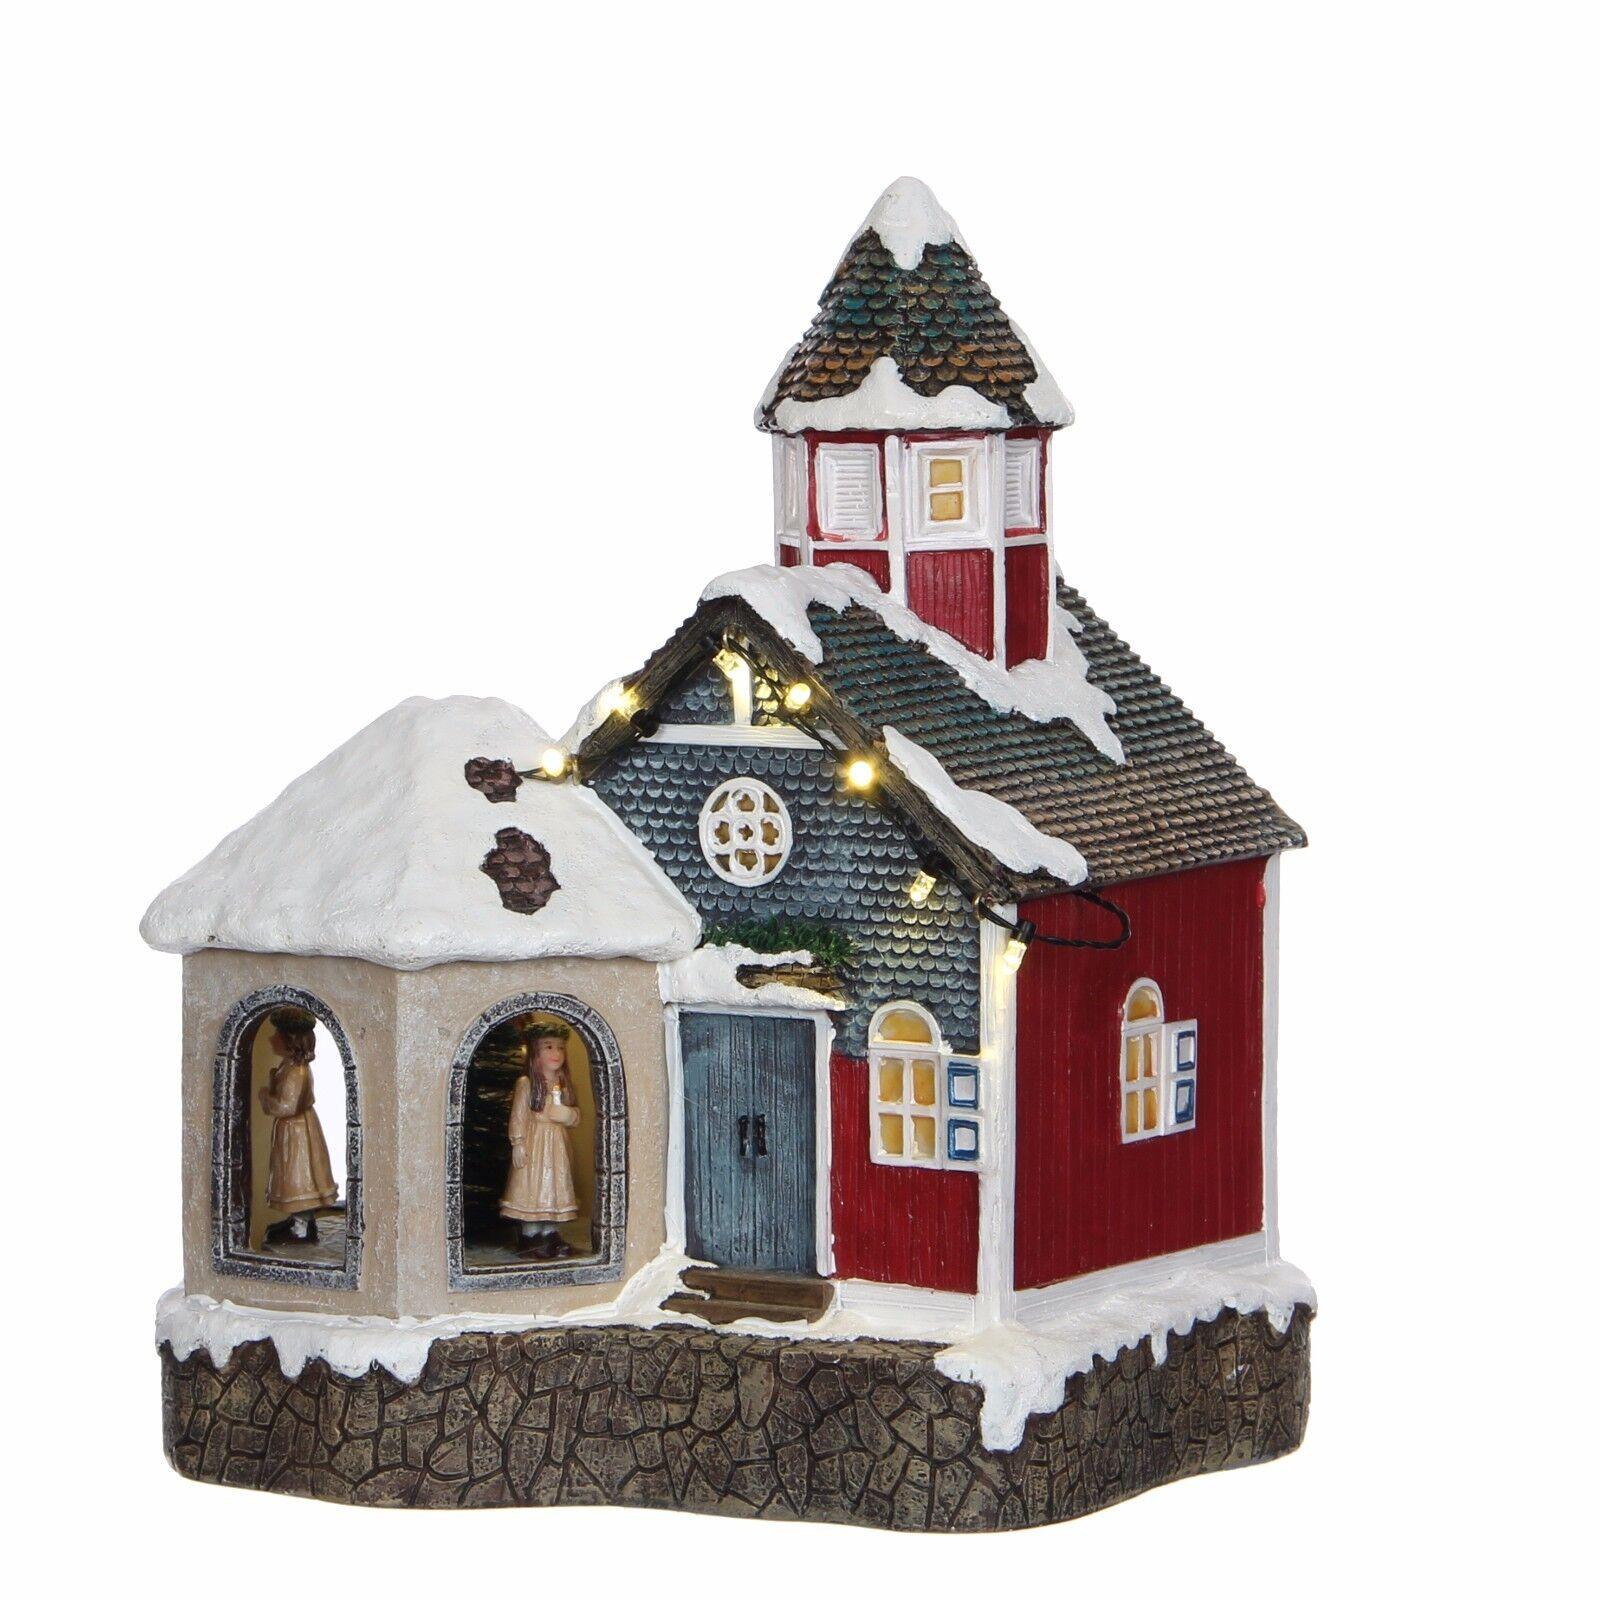 Luville 1031327 - Sint Lucia Church, animiert, beleuchtet,